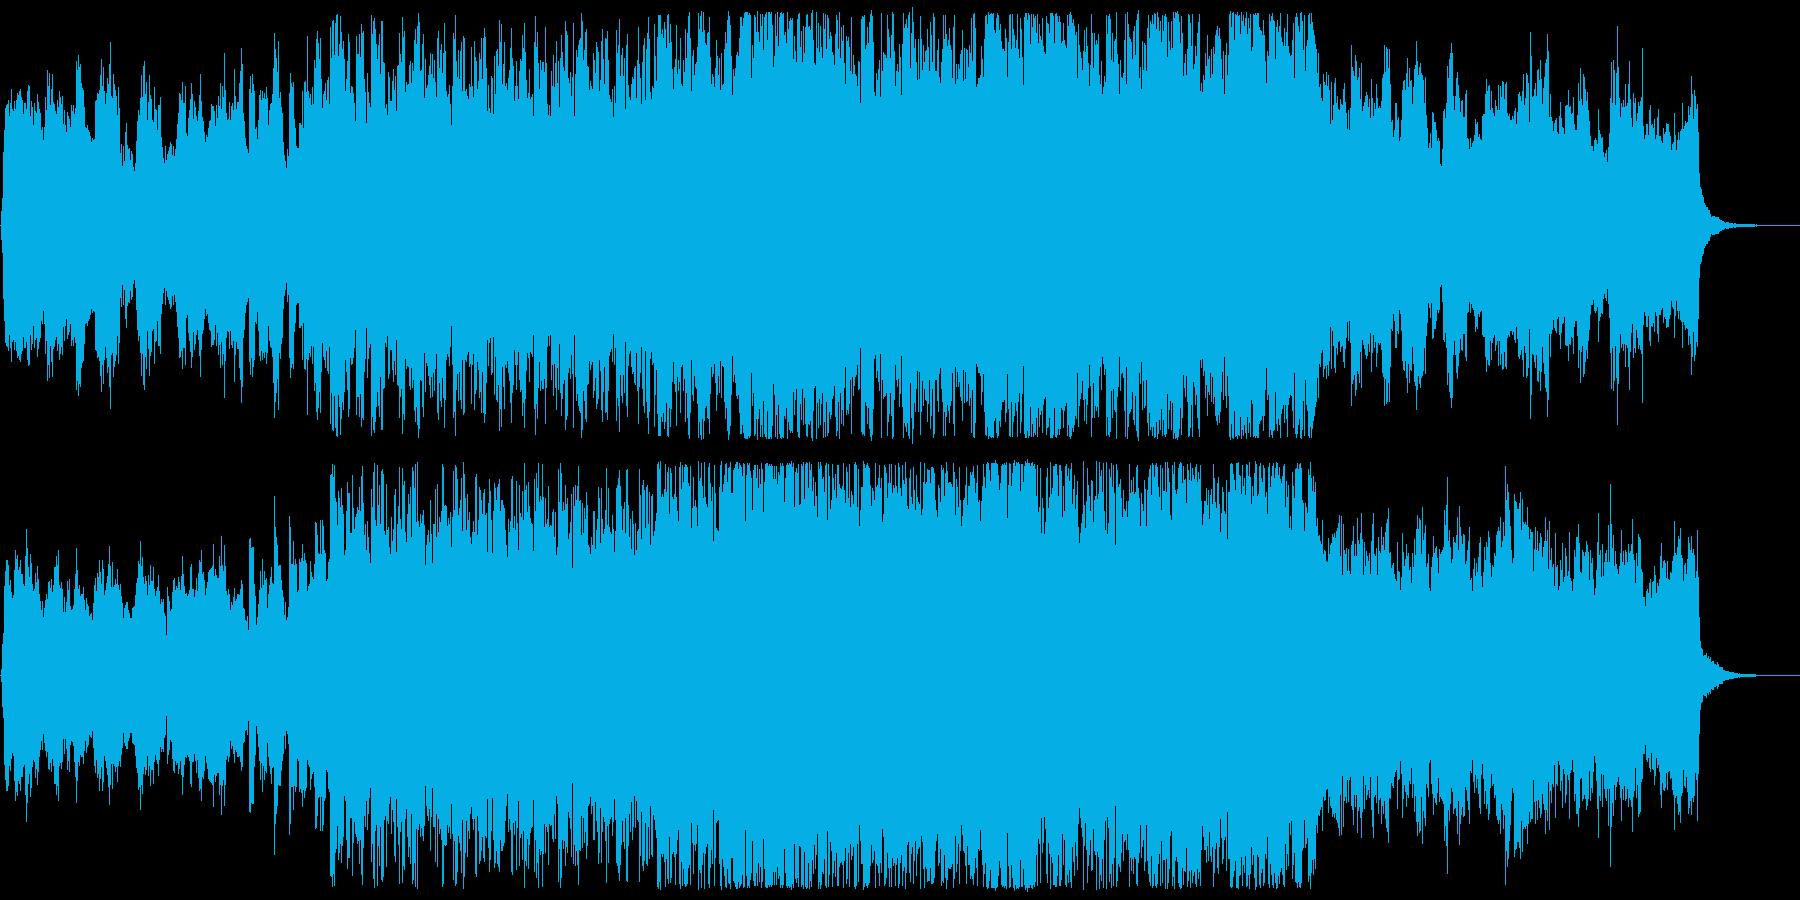 弦楽とドラムの力強いクラシックロックの再生済みの波形